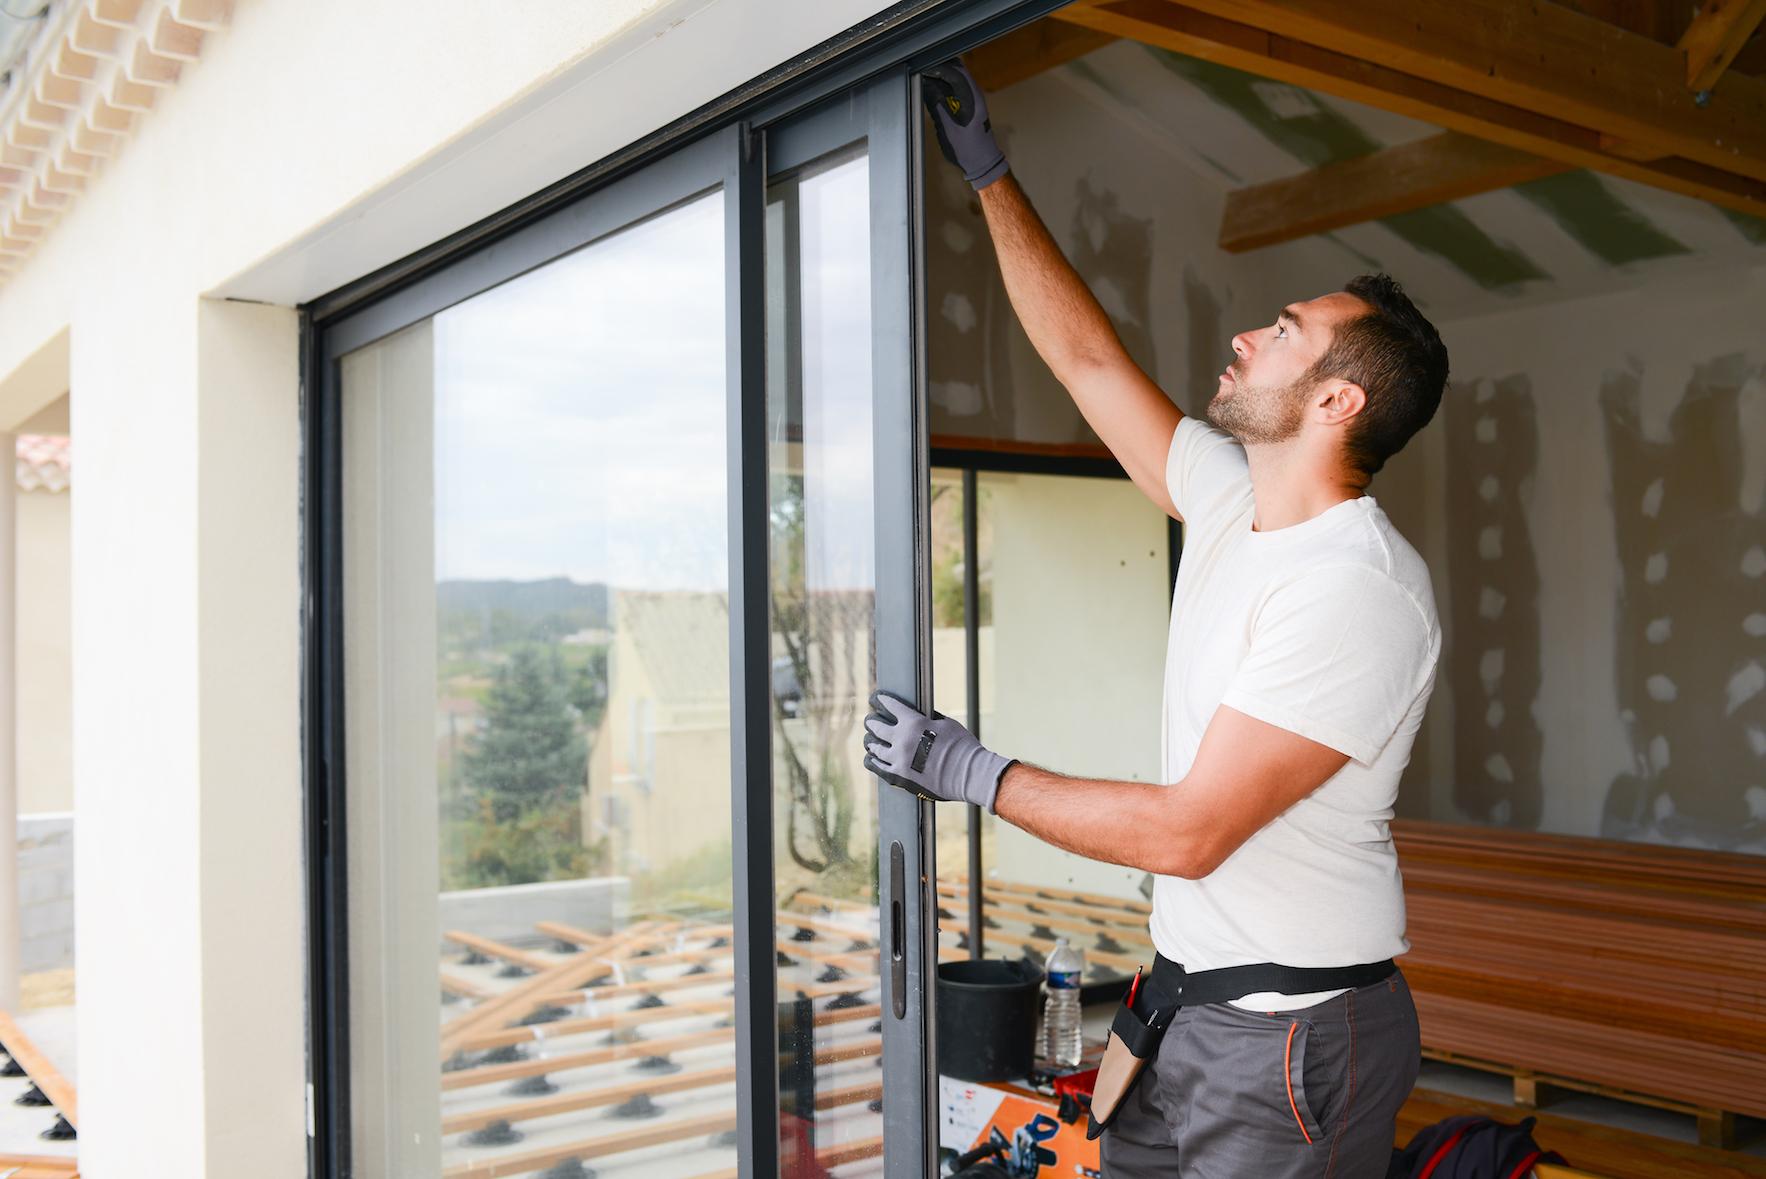 Man fixing glass sliding door